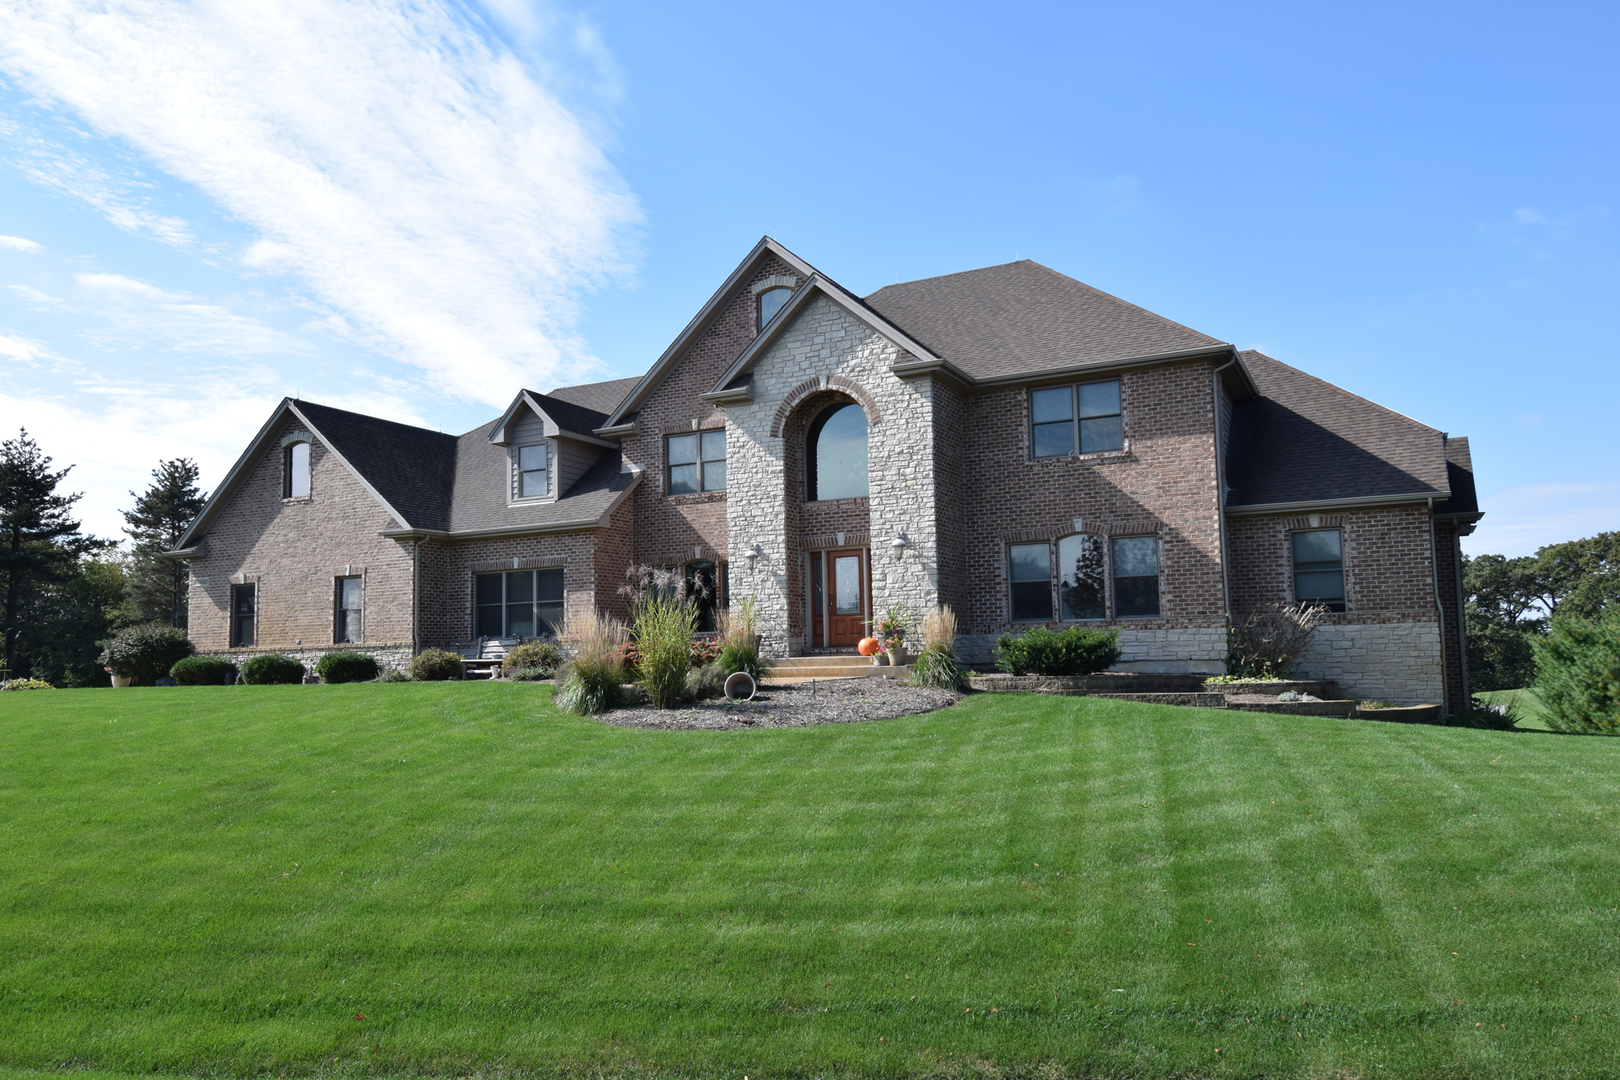 10N022 Muirhead, Elgin, Illinois, 60124